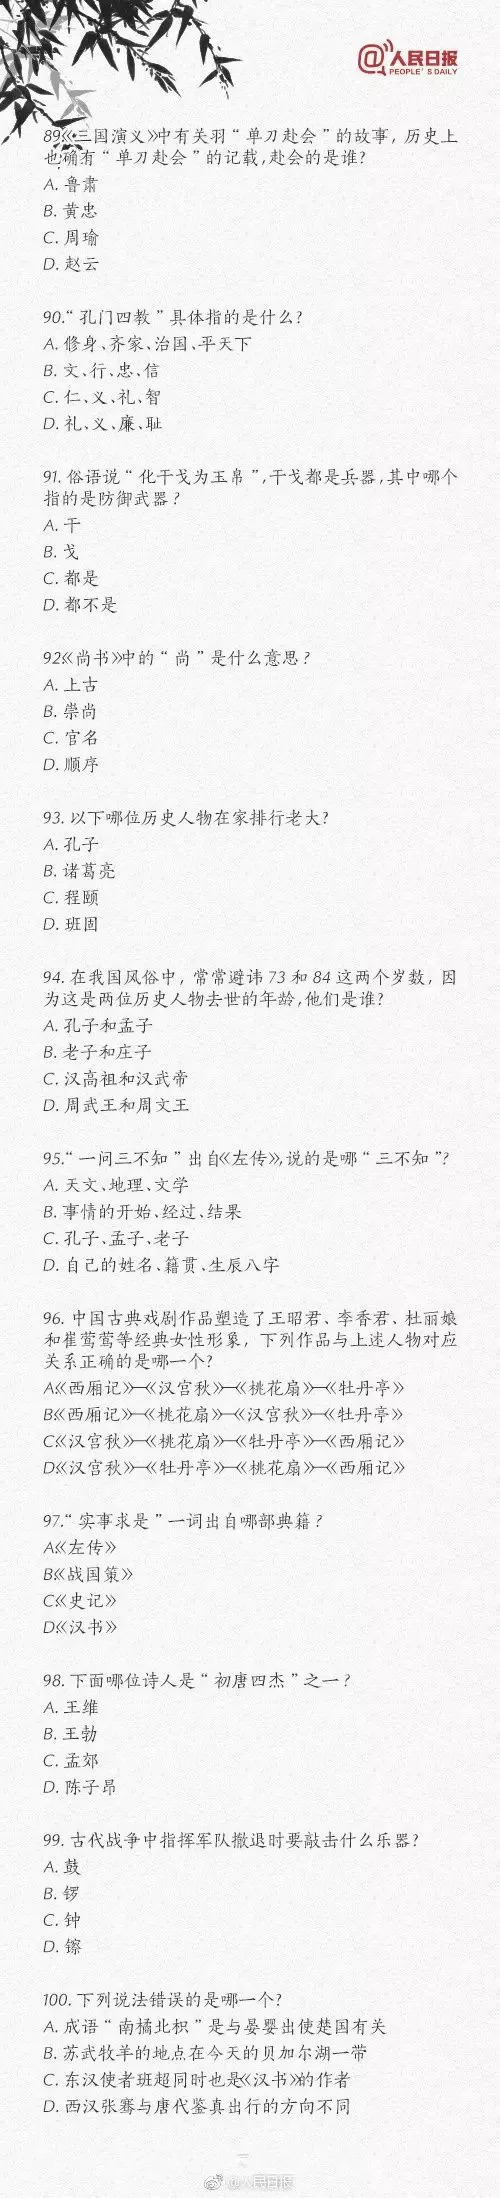 六合开奖结果直播 9